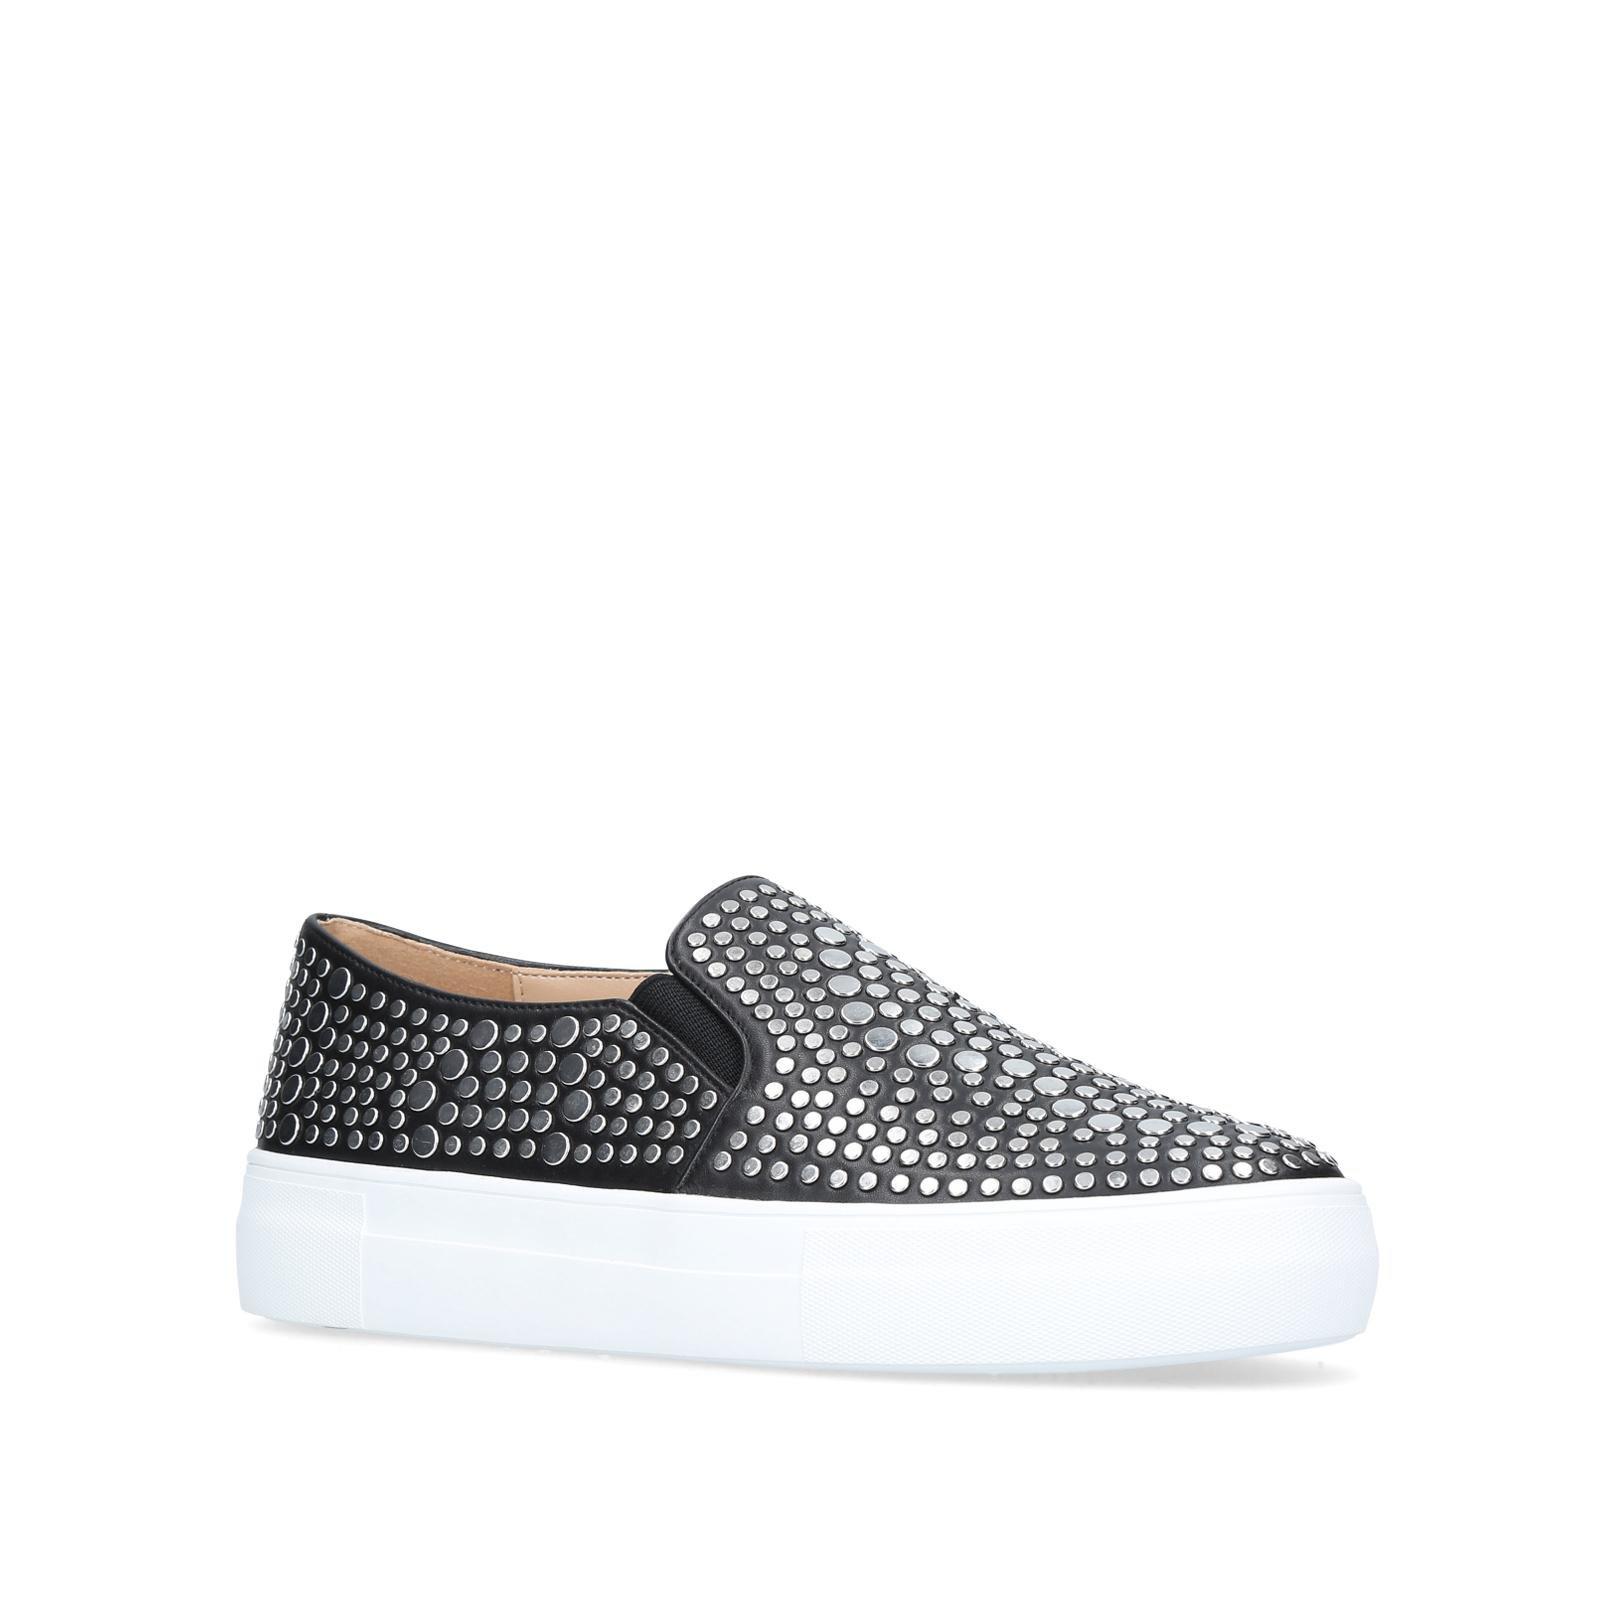 Vince Camuto Suede Kindra �?Studded Platform Sneaker in Black